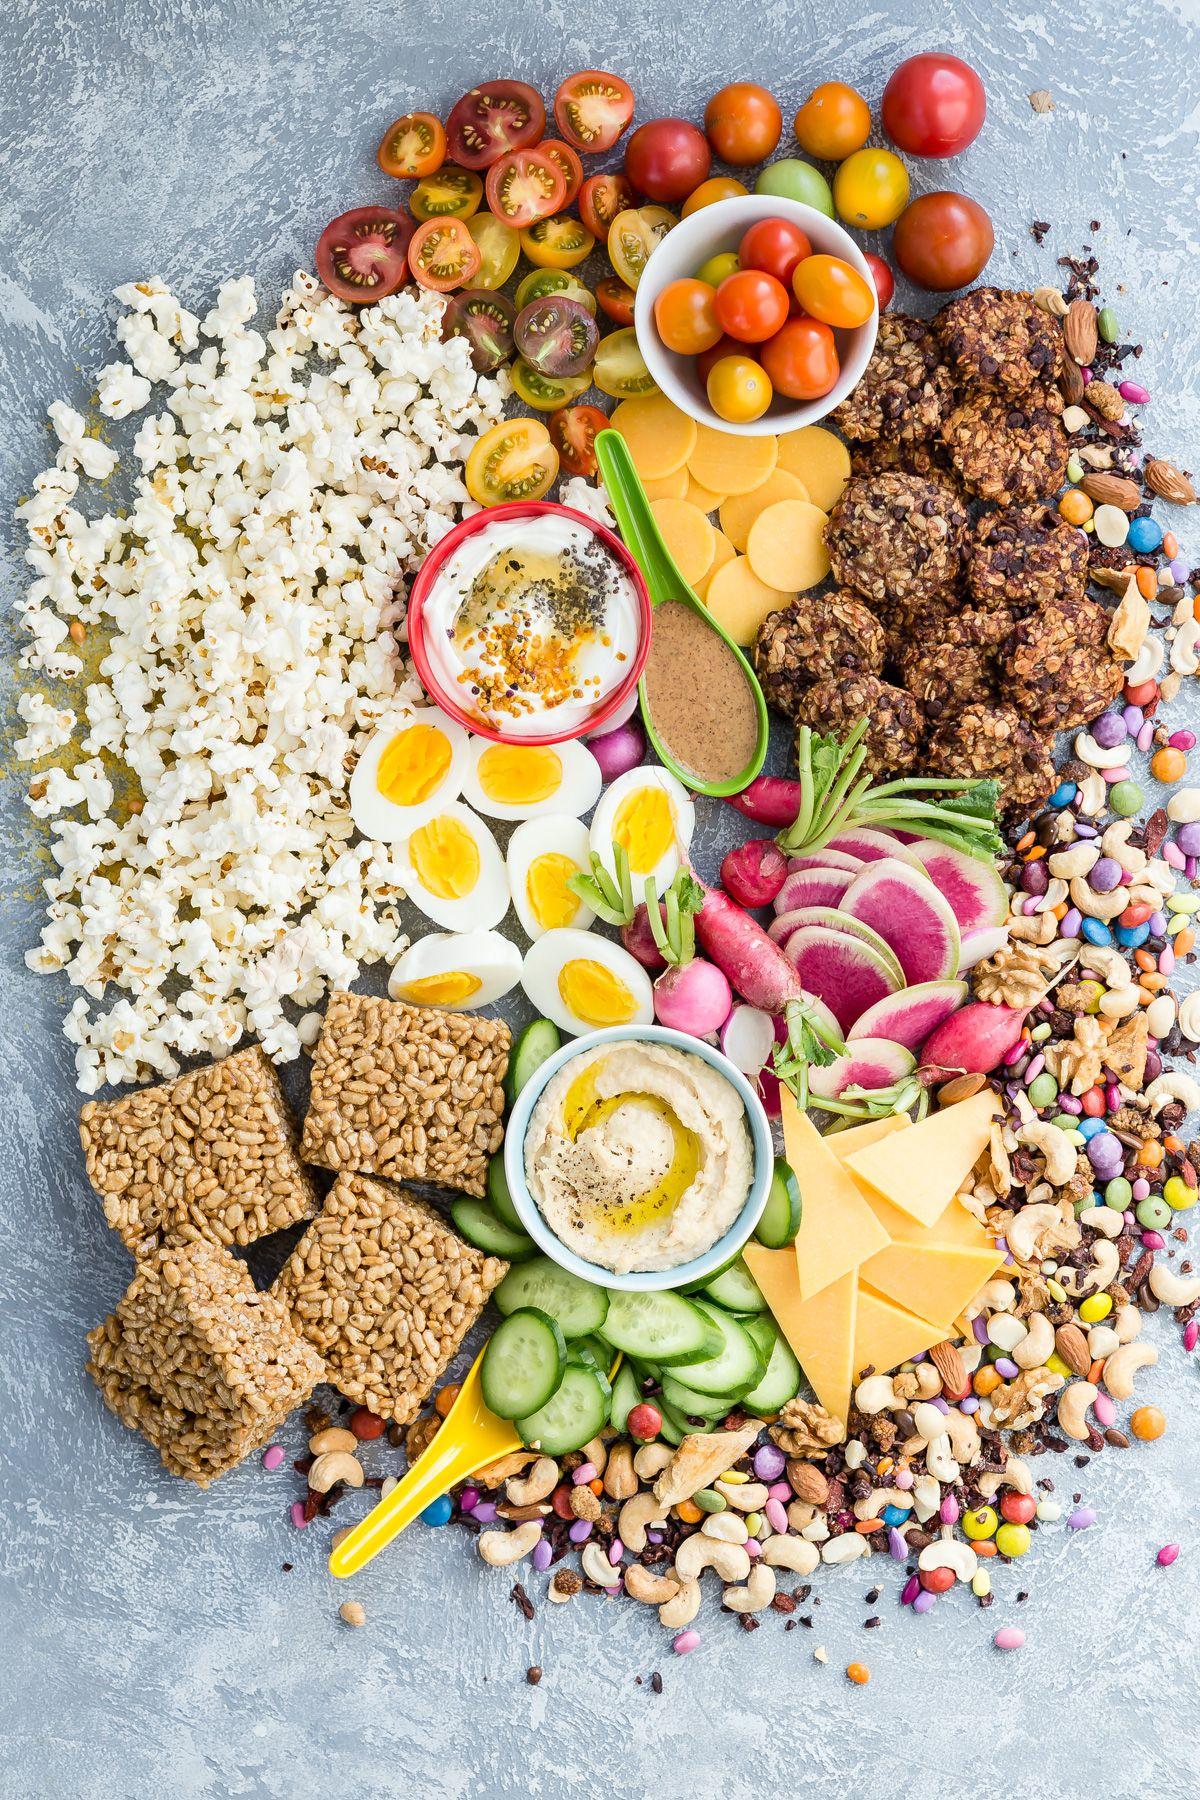 10 Surprising Healthy Snack Foods